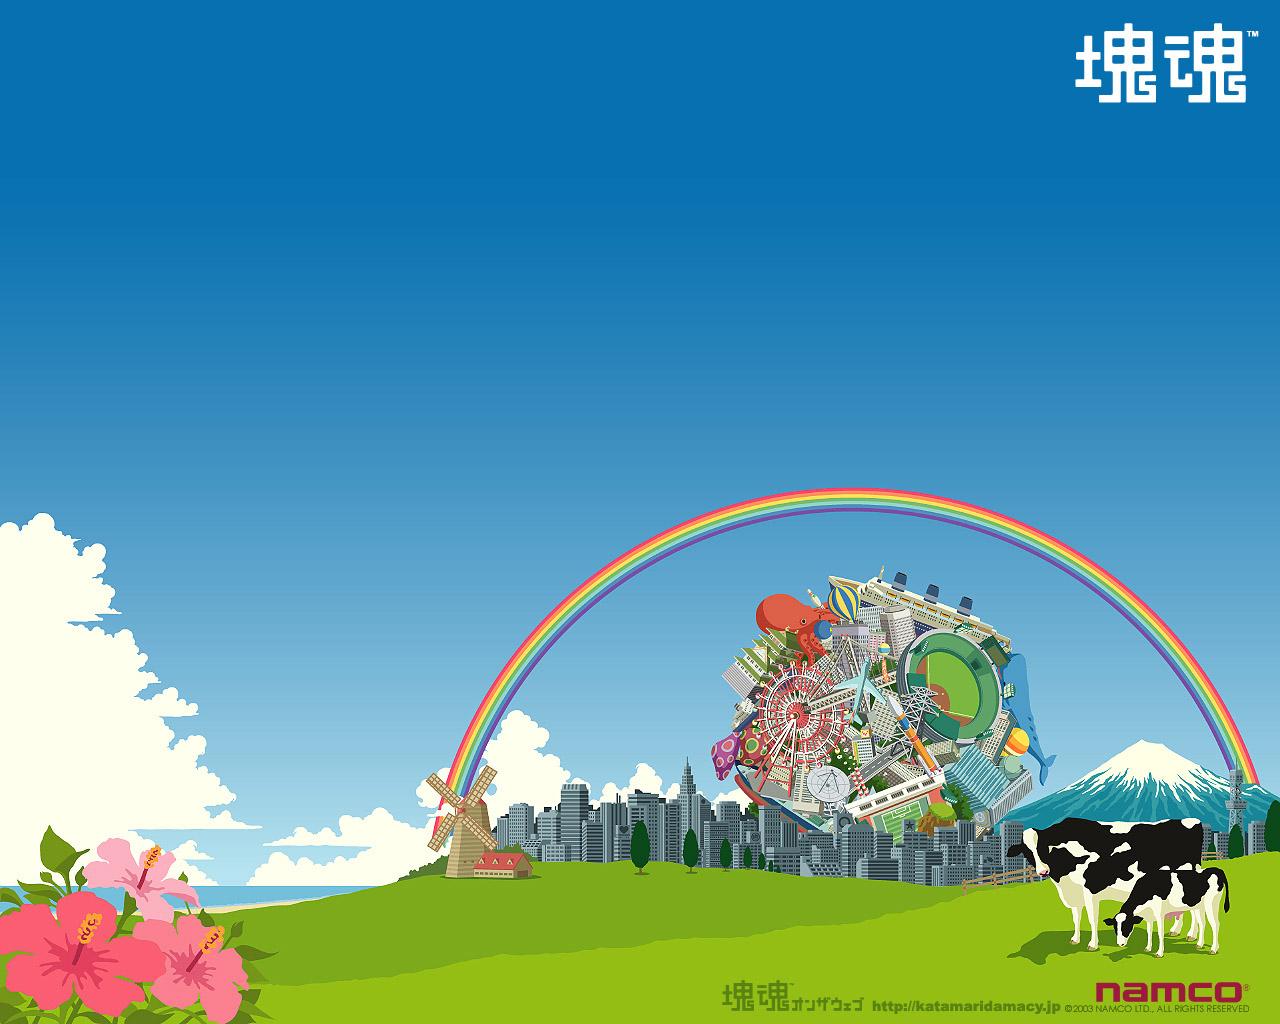 中村製作所が名前の由来の「Namco」:ハッスル倶楽部という事業があります。